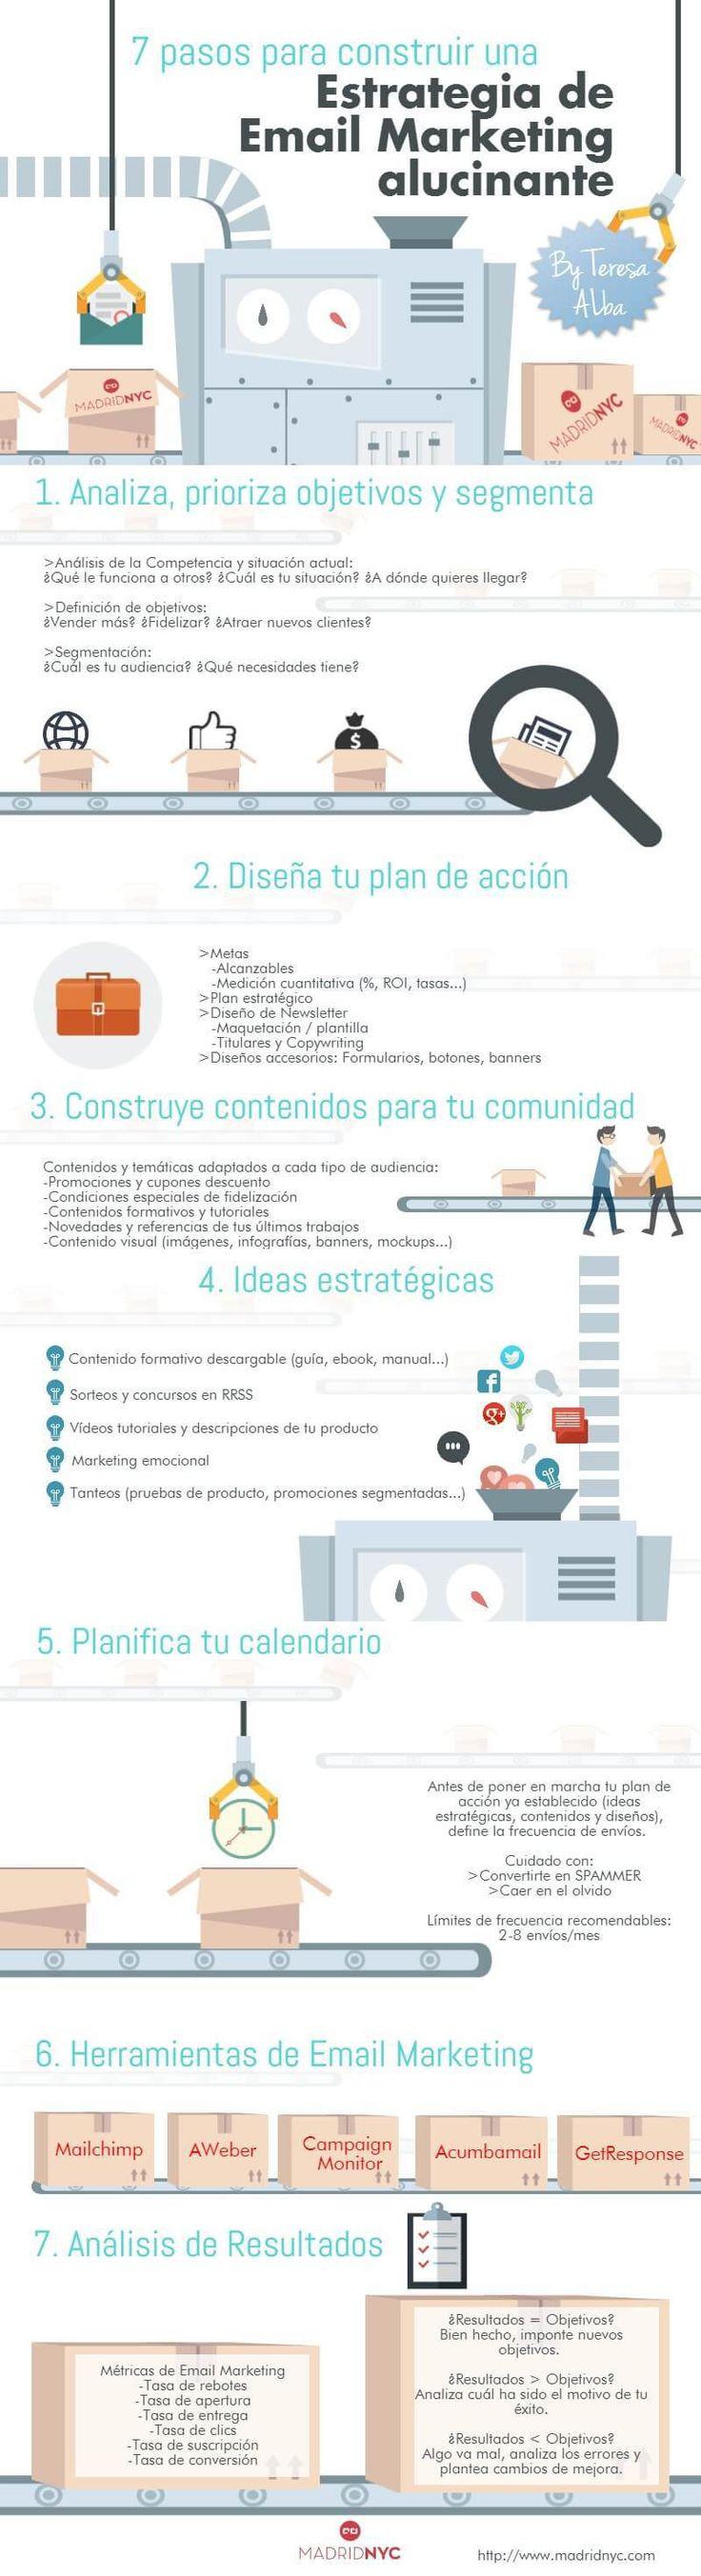 7 Pasos para crear una estrategia de email marketing